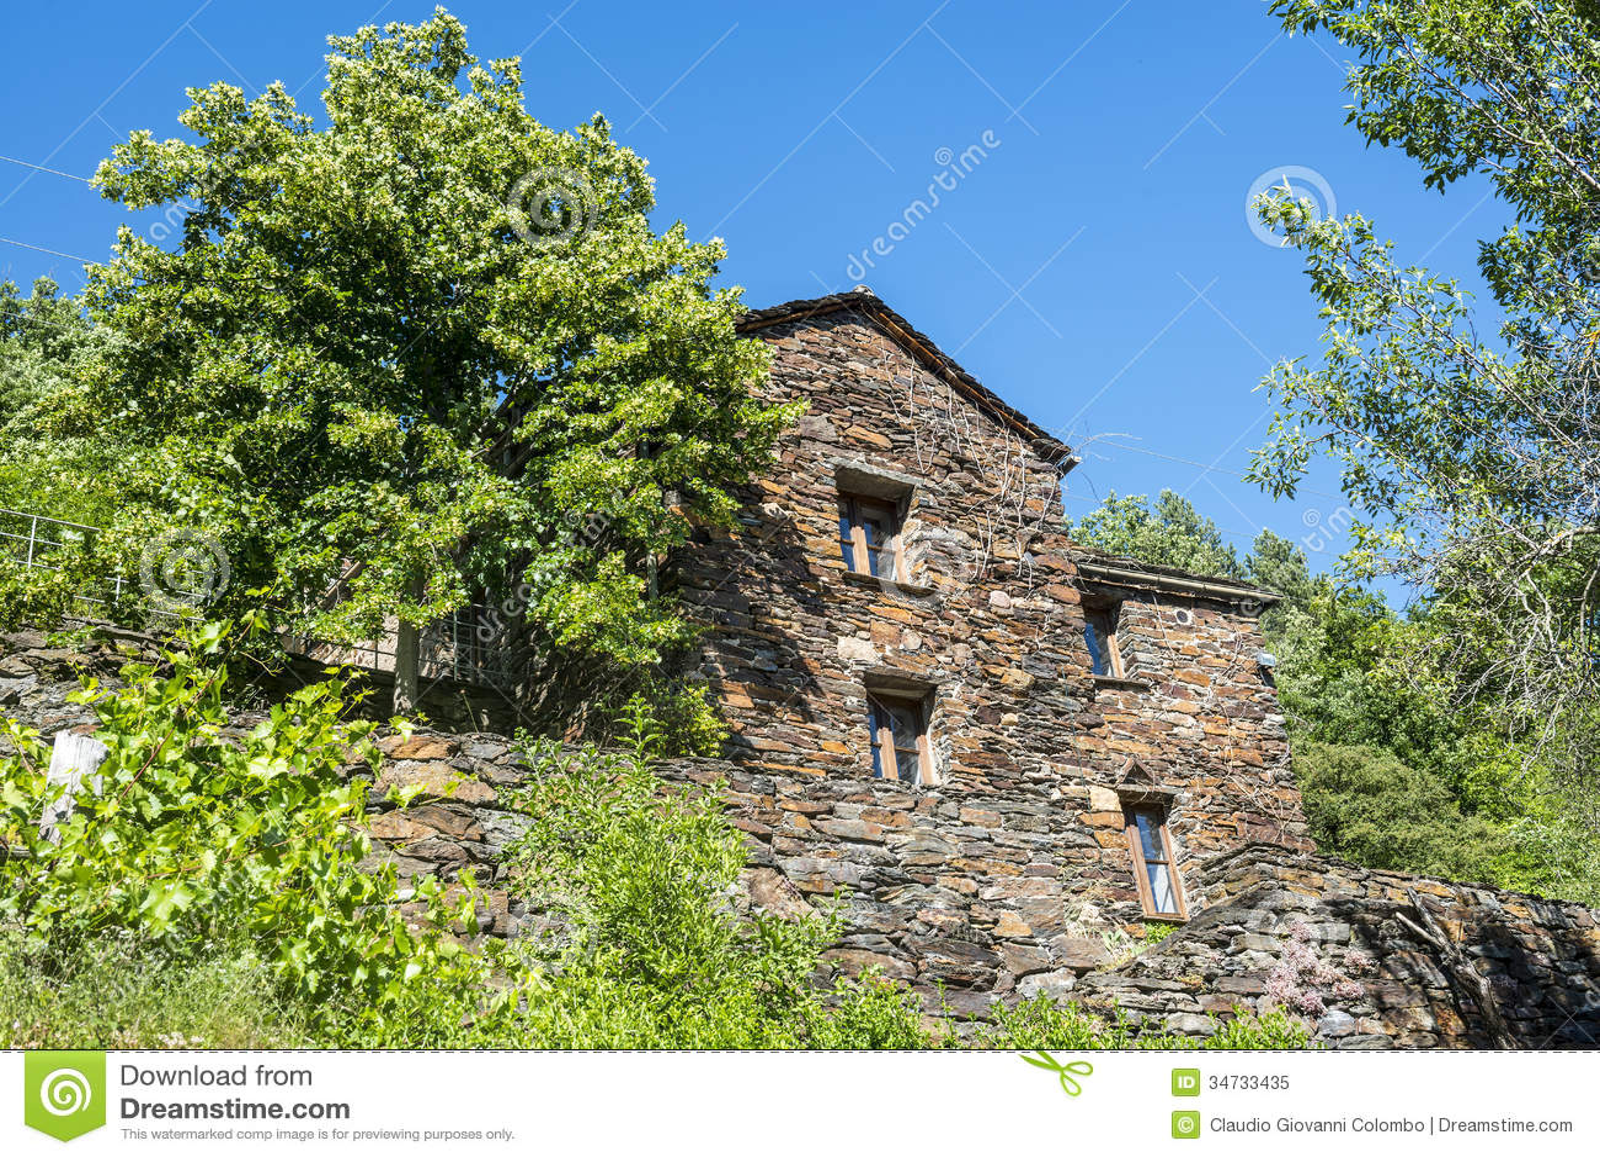 cevennes vieille maison typique image stock image du centrale hublots 34733435. Black Bedroom Furniture Sets. Home Design Ideas